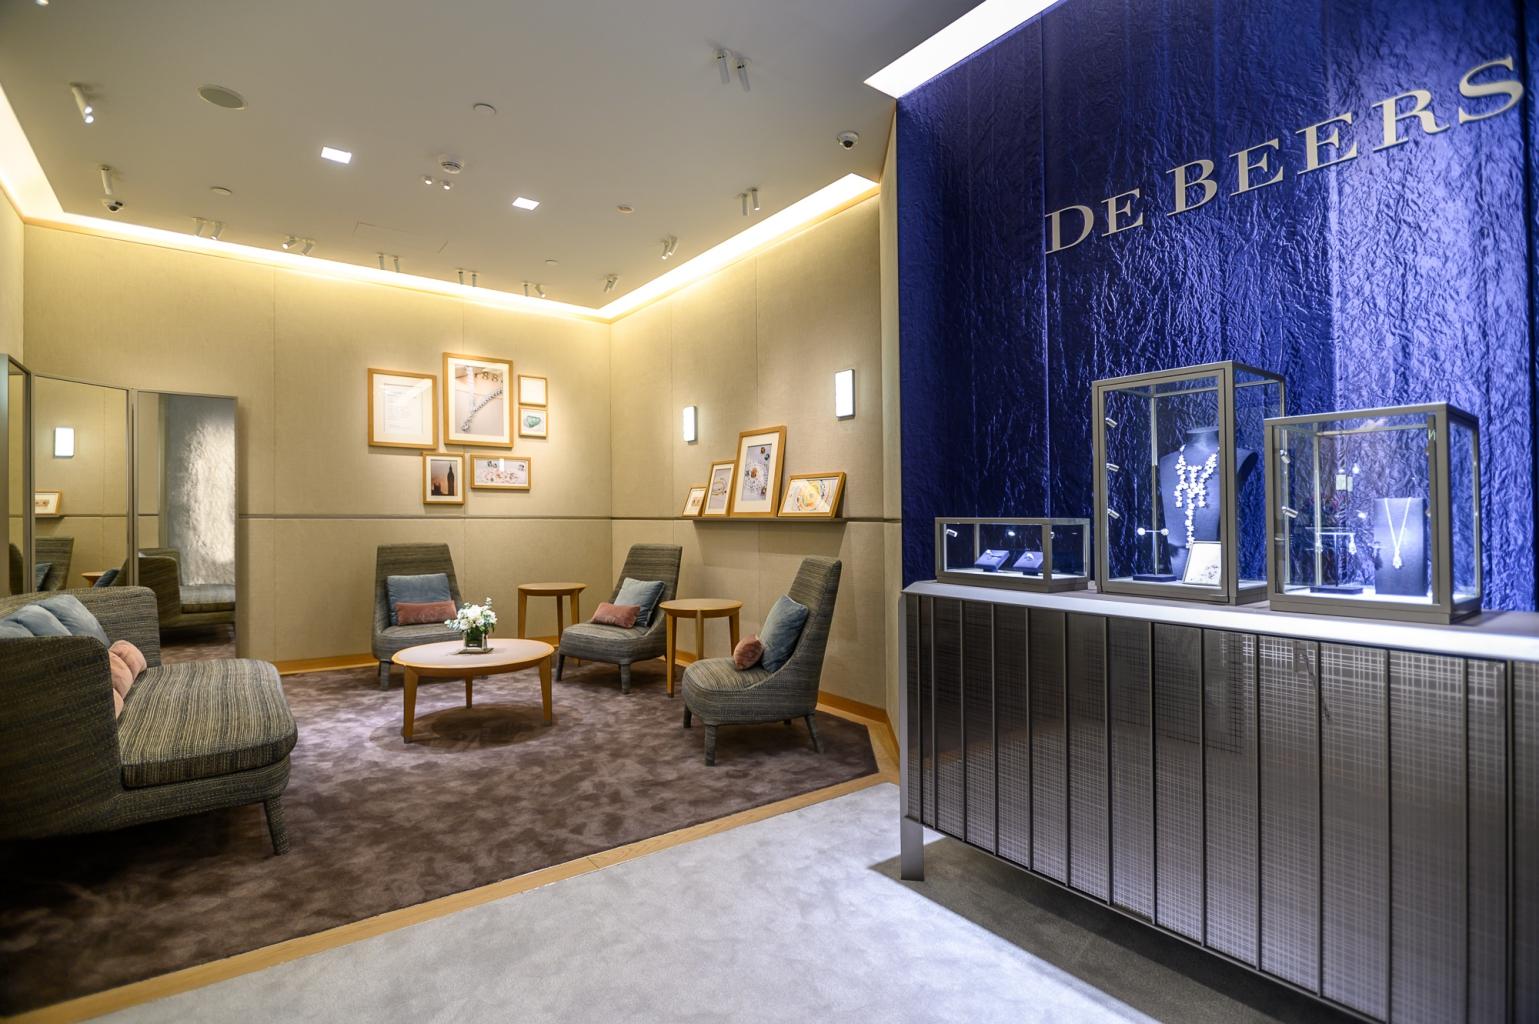 De Beers台北101精品店